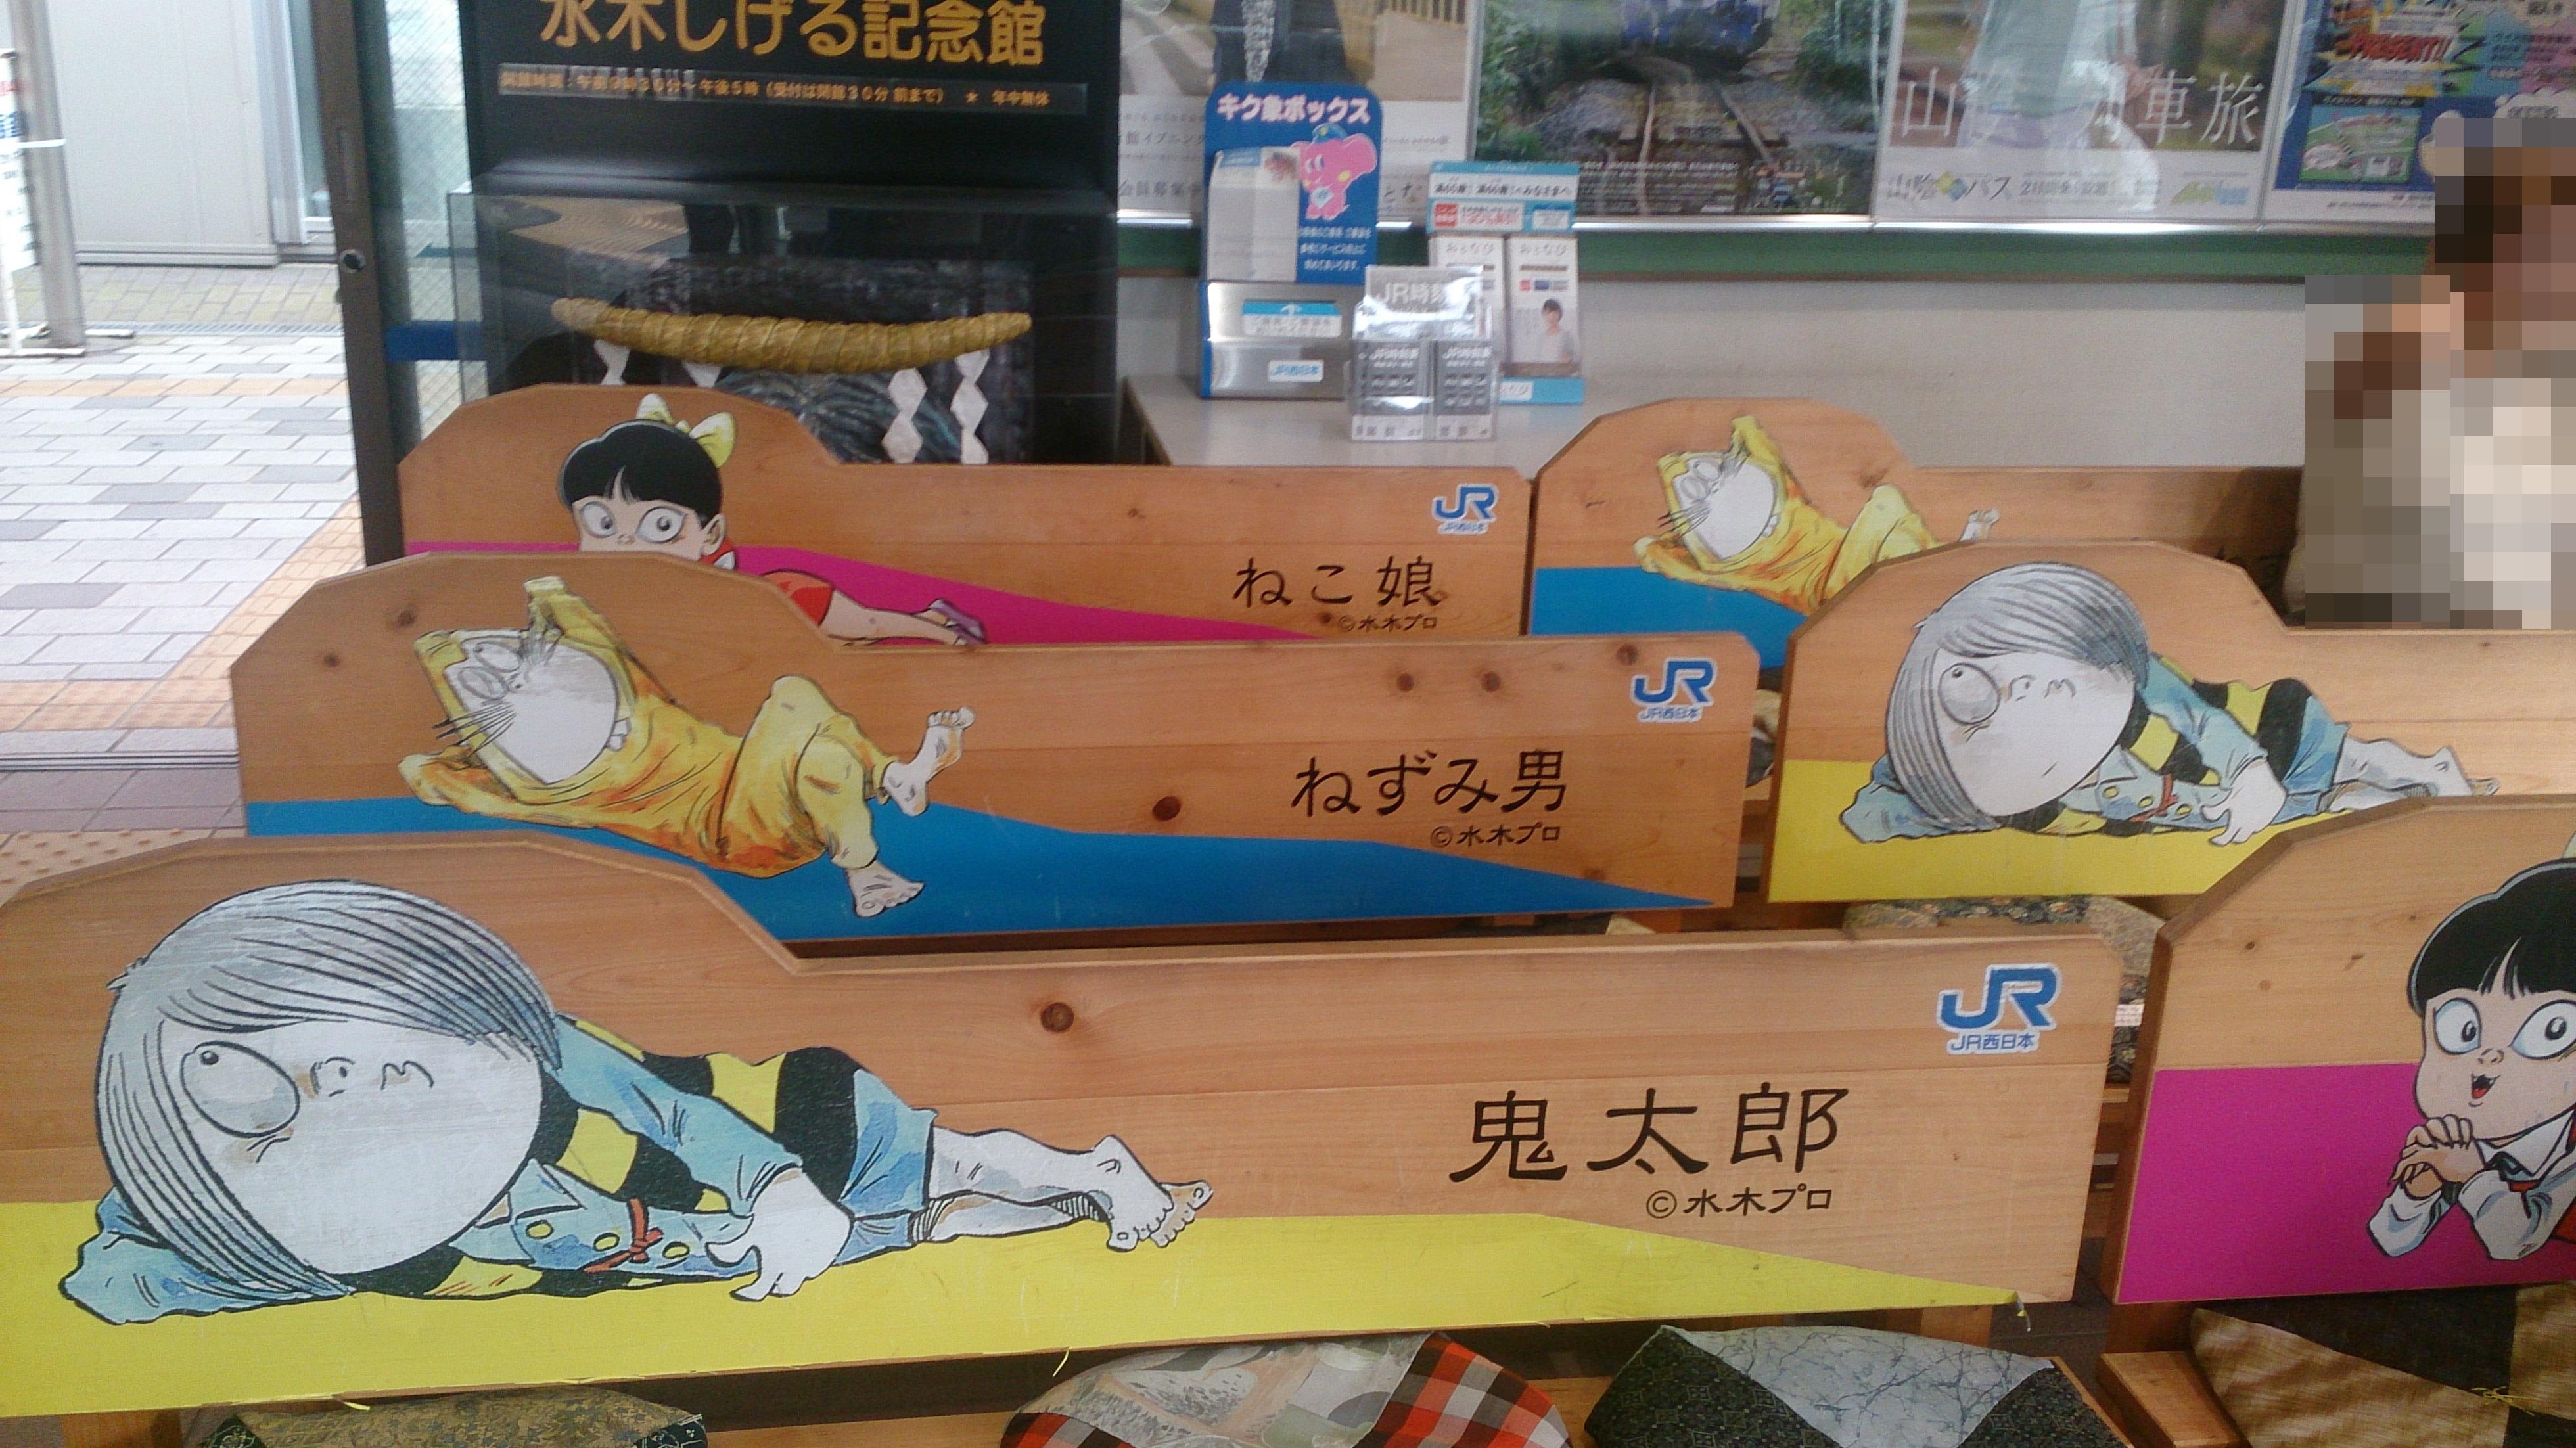 境港駅のベンチには鬼太郎ファミリーが書かれています